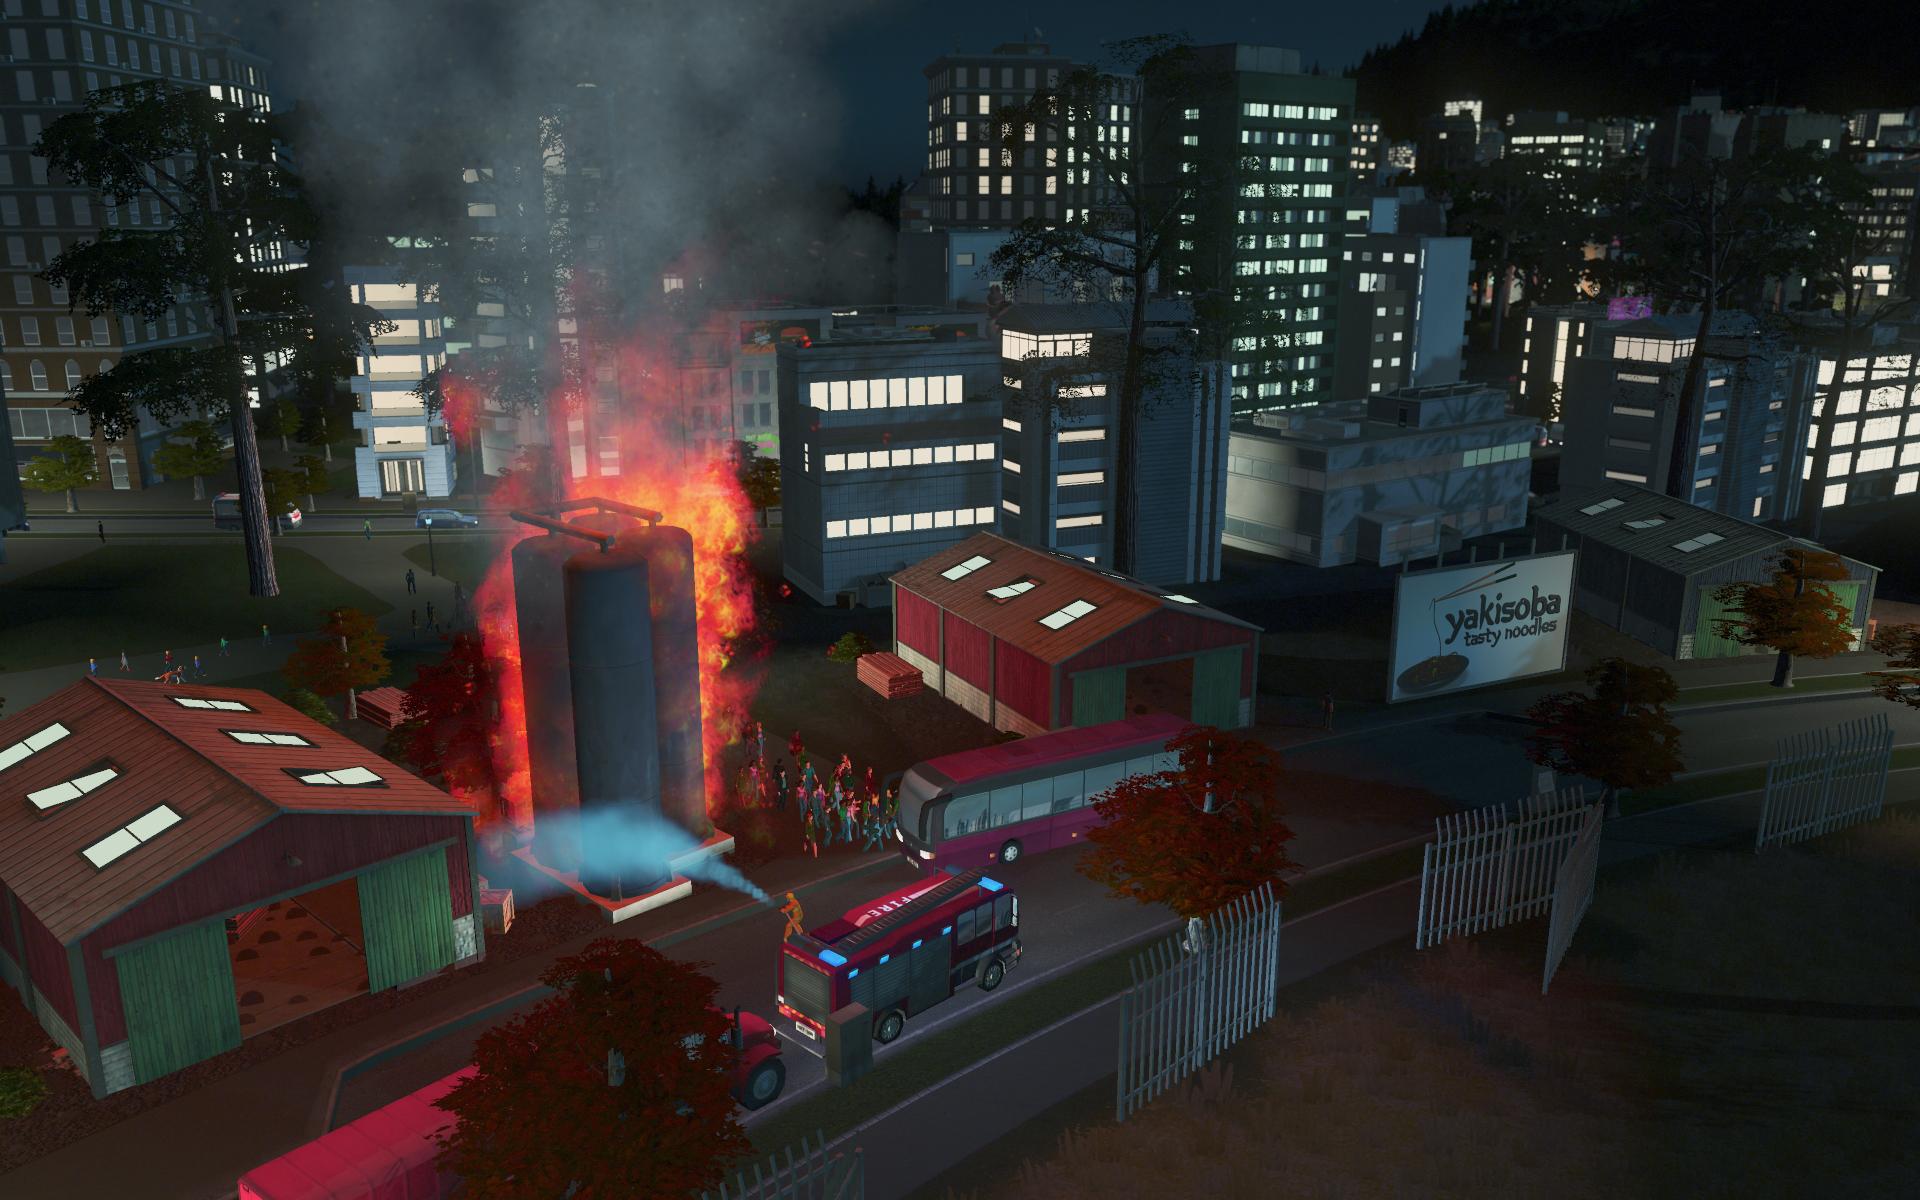 Die Einsätze unserer Feuerwehr werden durch den Brand schön in Schau gesetzt.